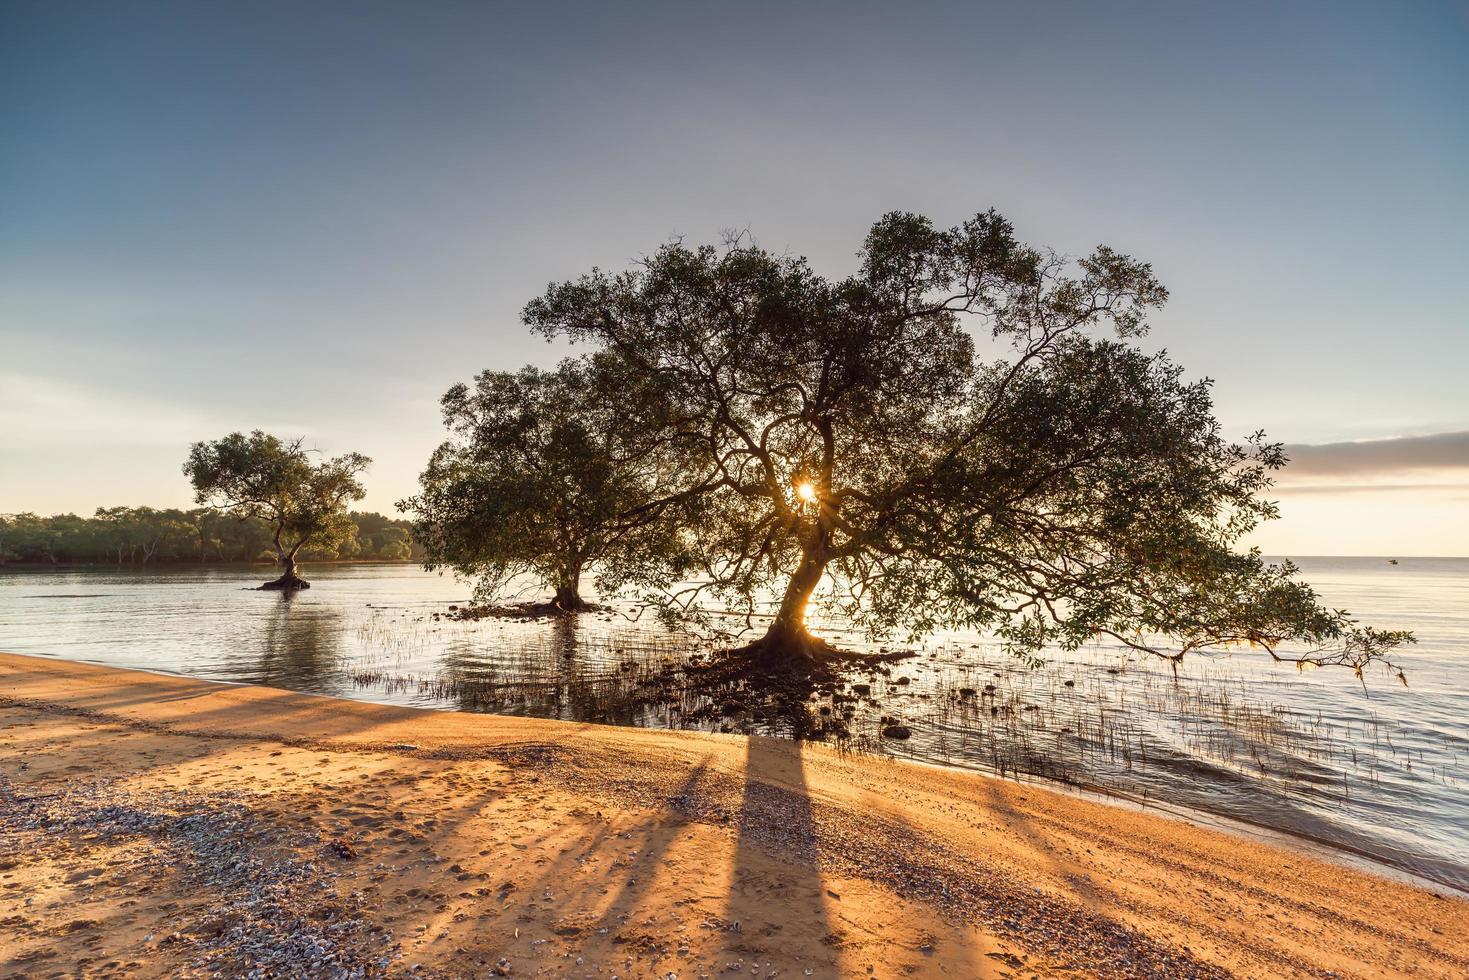 arbres dans l & # 39; eau à la plage photo